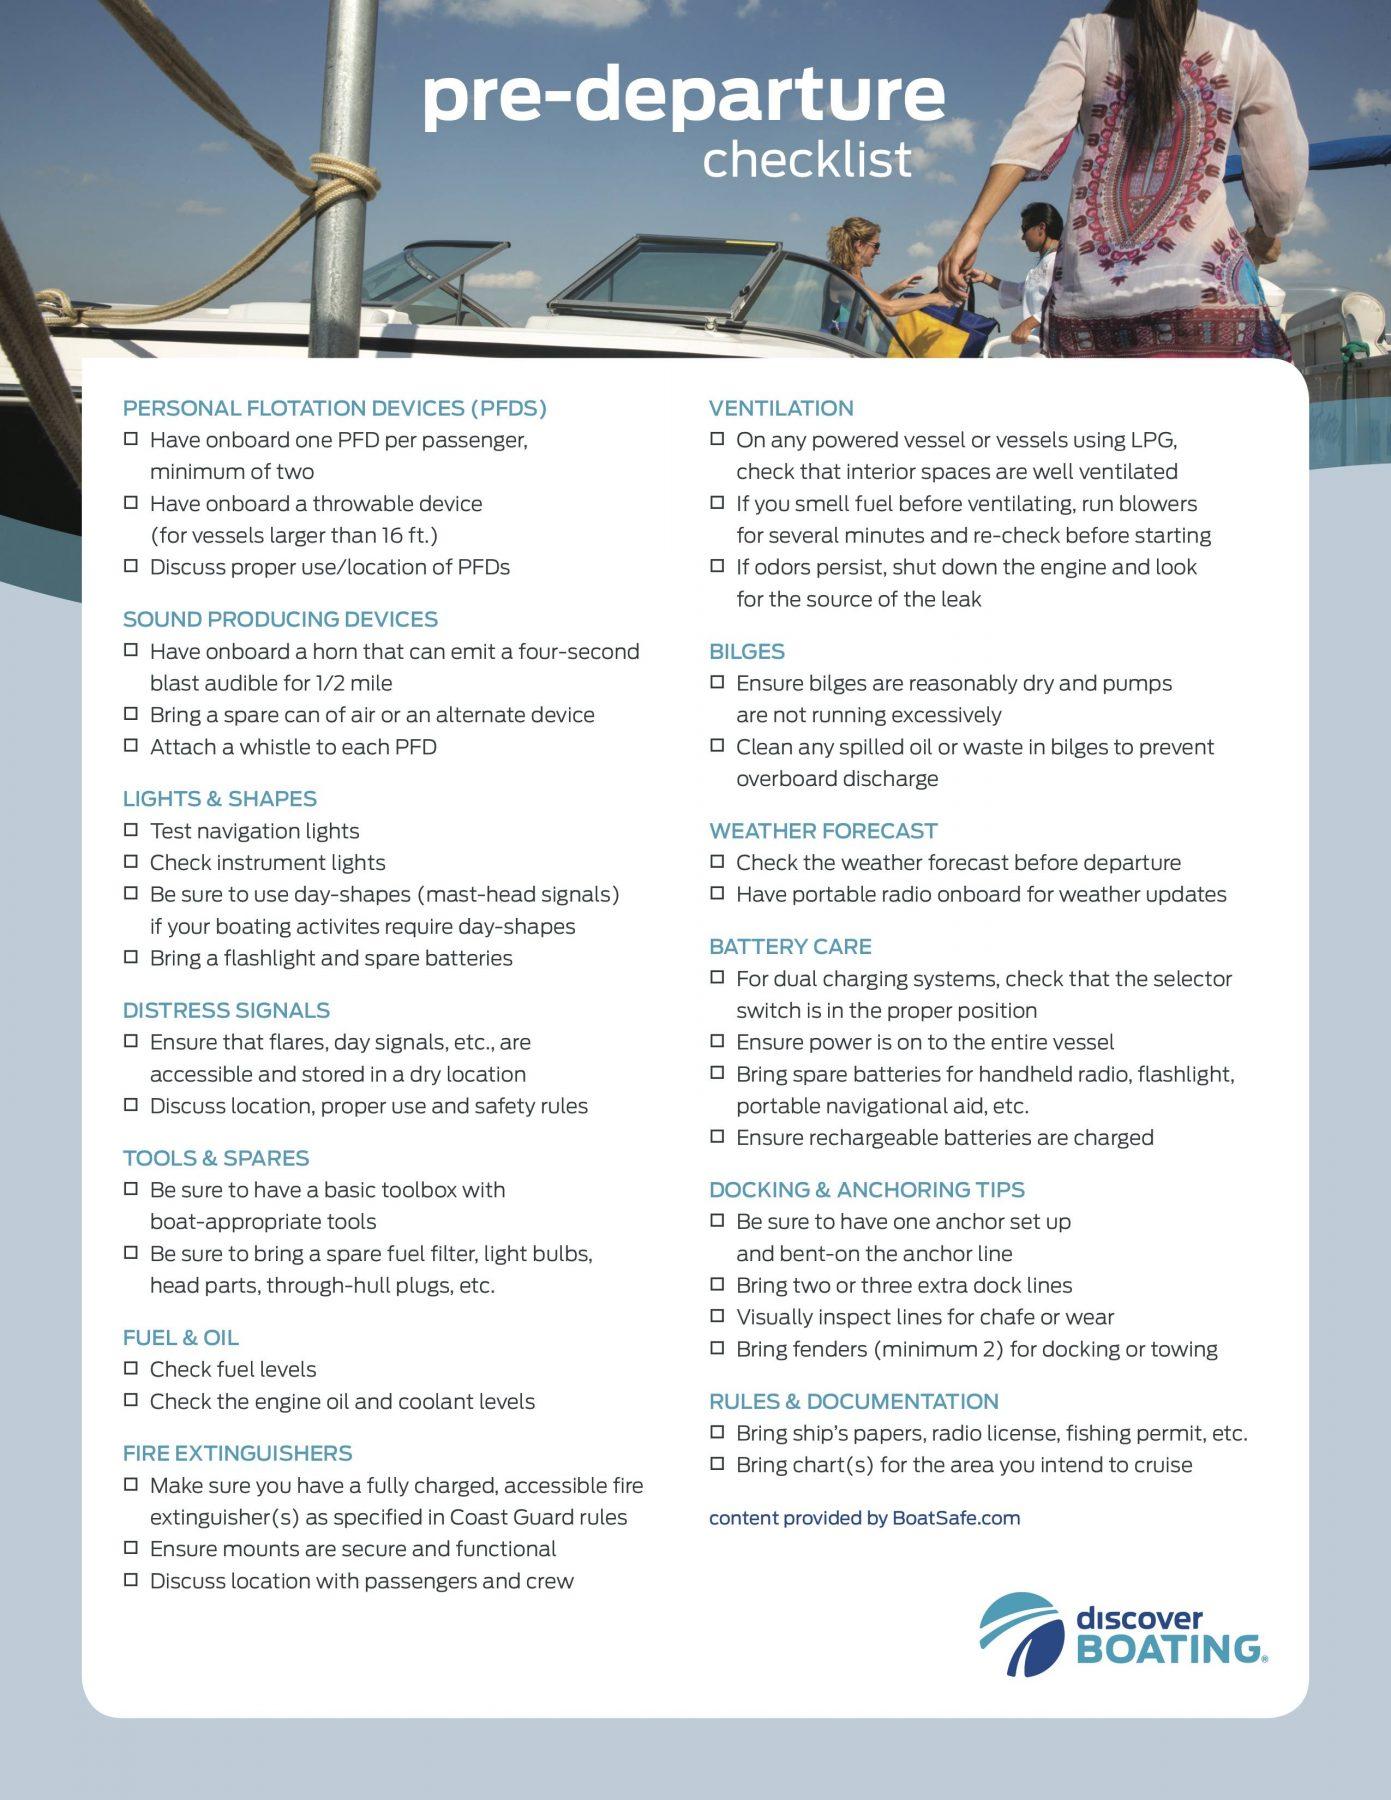 7918_DB14_Pre-Departure_Checklist